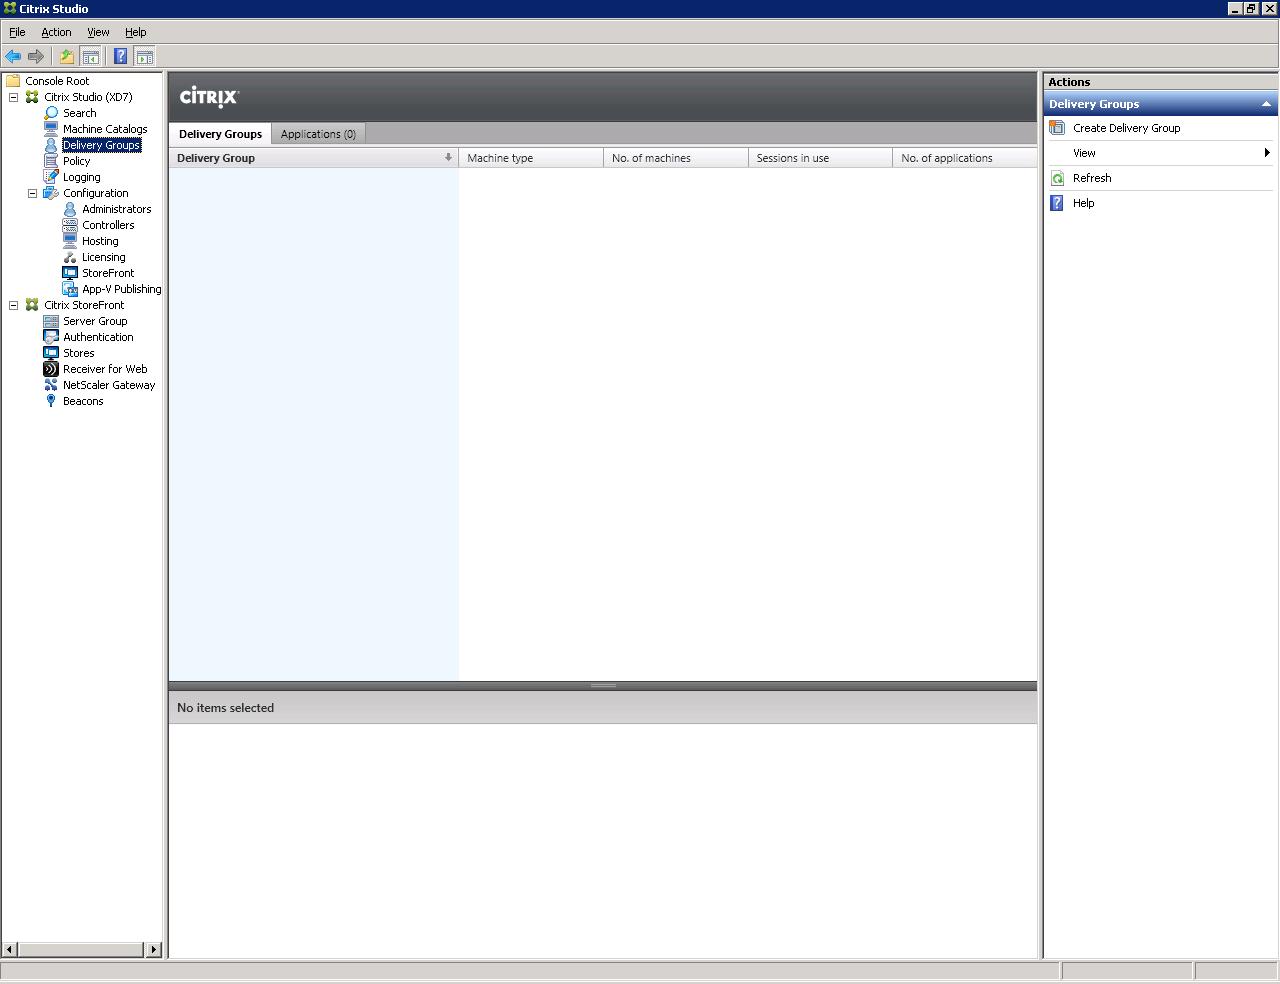 Настройка аутентификации в Citrix XenDesktop 7.x c использованием смарт-карт JaCarta PKI - 10